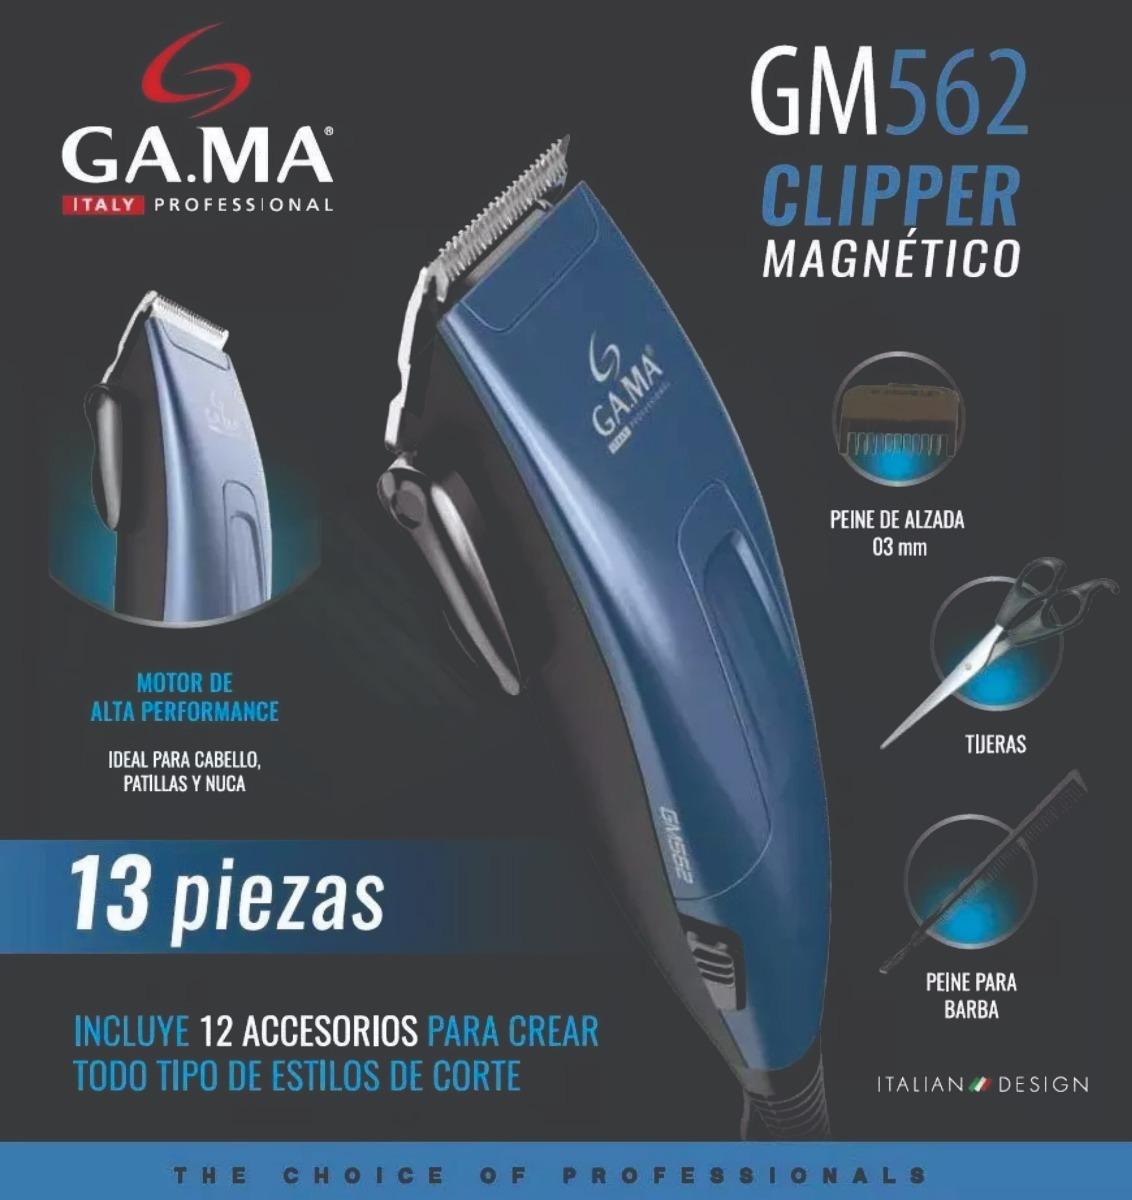 cortadora gama gc562 13 piezas máquina corta pelo barba!!!!! Cargando zoom. 49e5cbf48e94